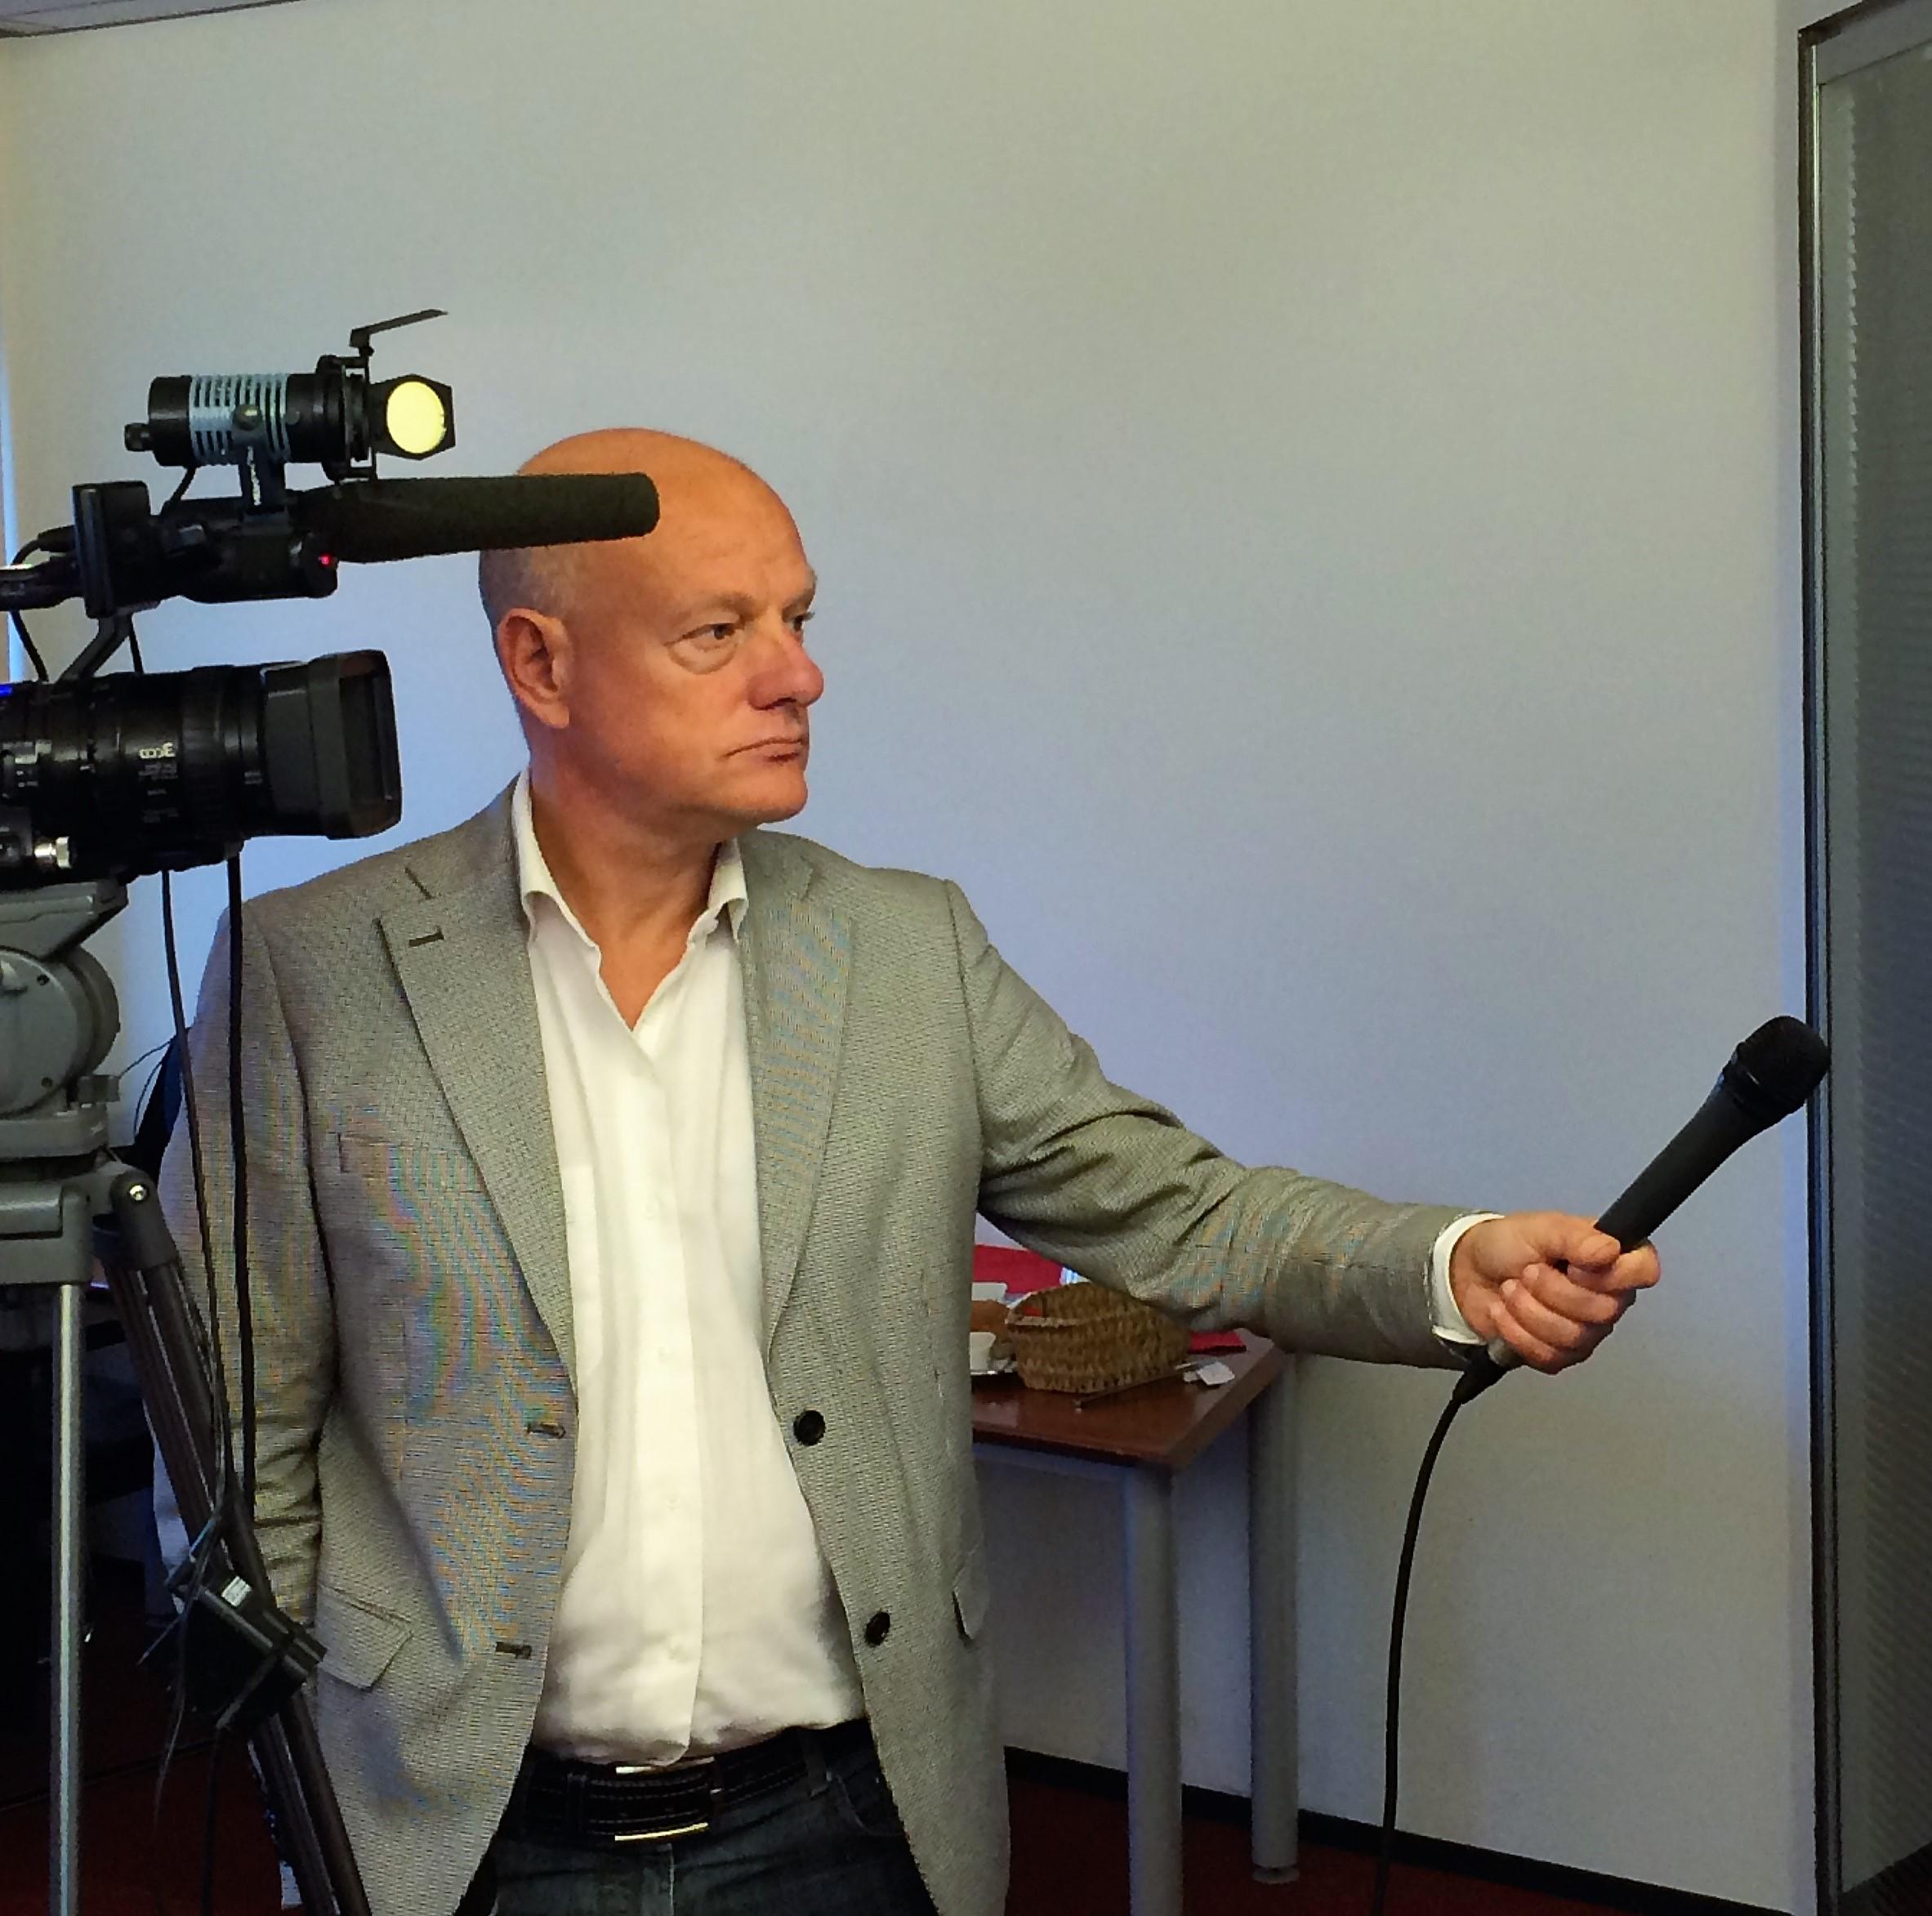 Trainingen: Mediatraining crises en incidenten in de industrie